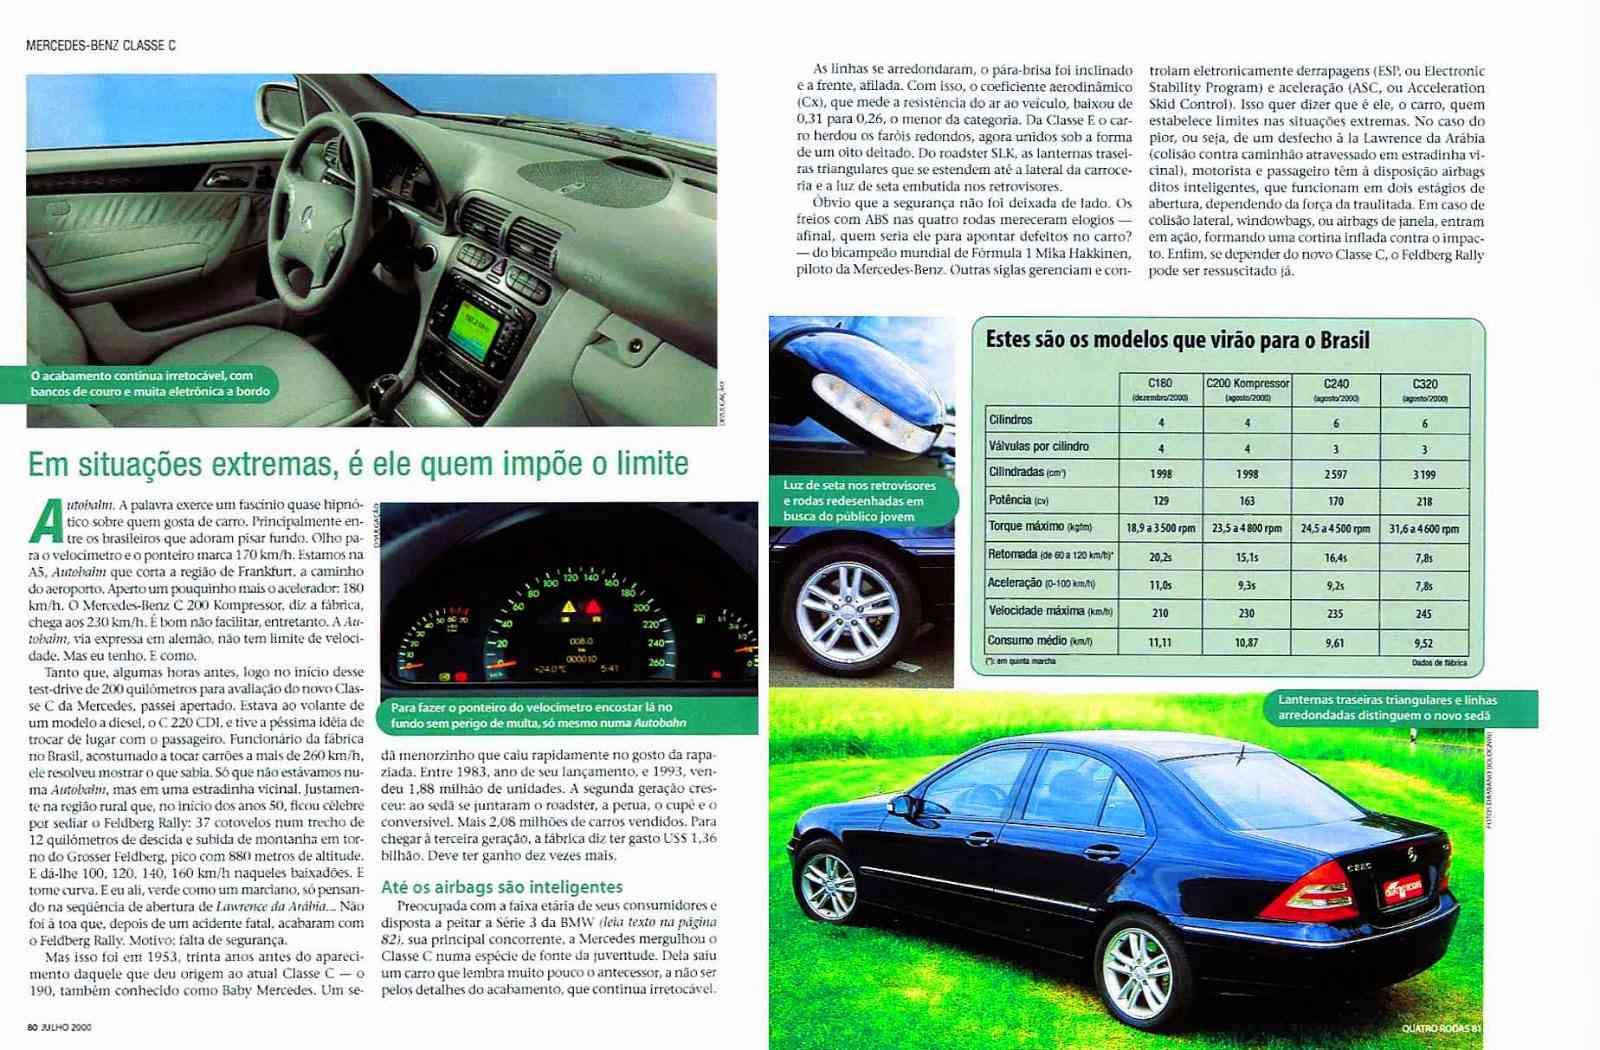 (W203): Avaliação Revista Quatro Rodas - C320 - julho de 2000 46d5e810